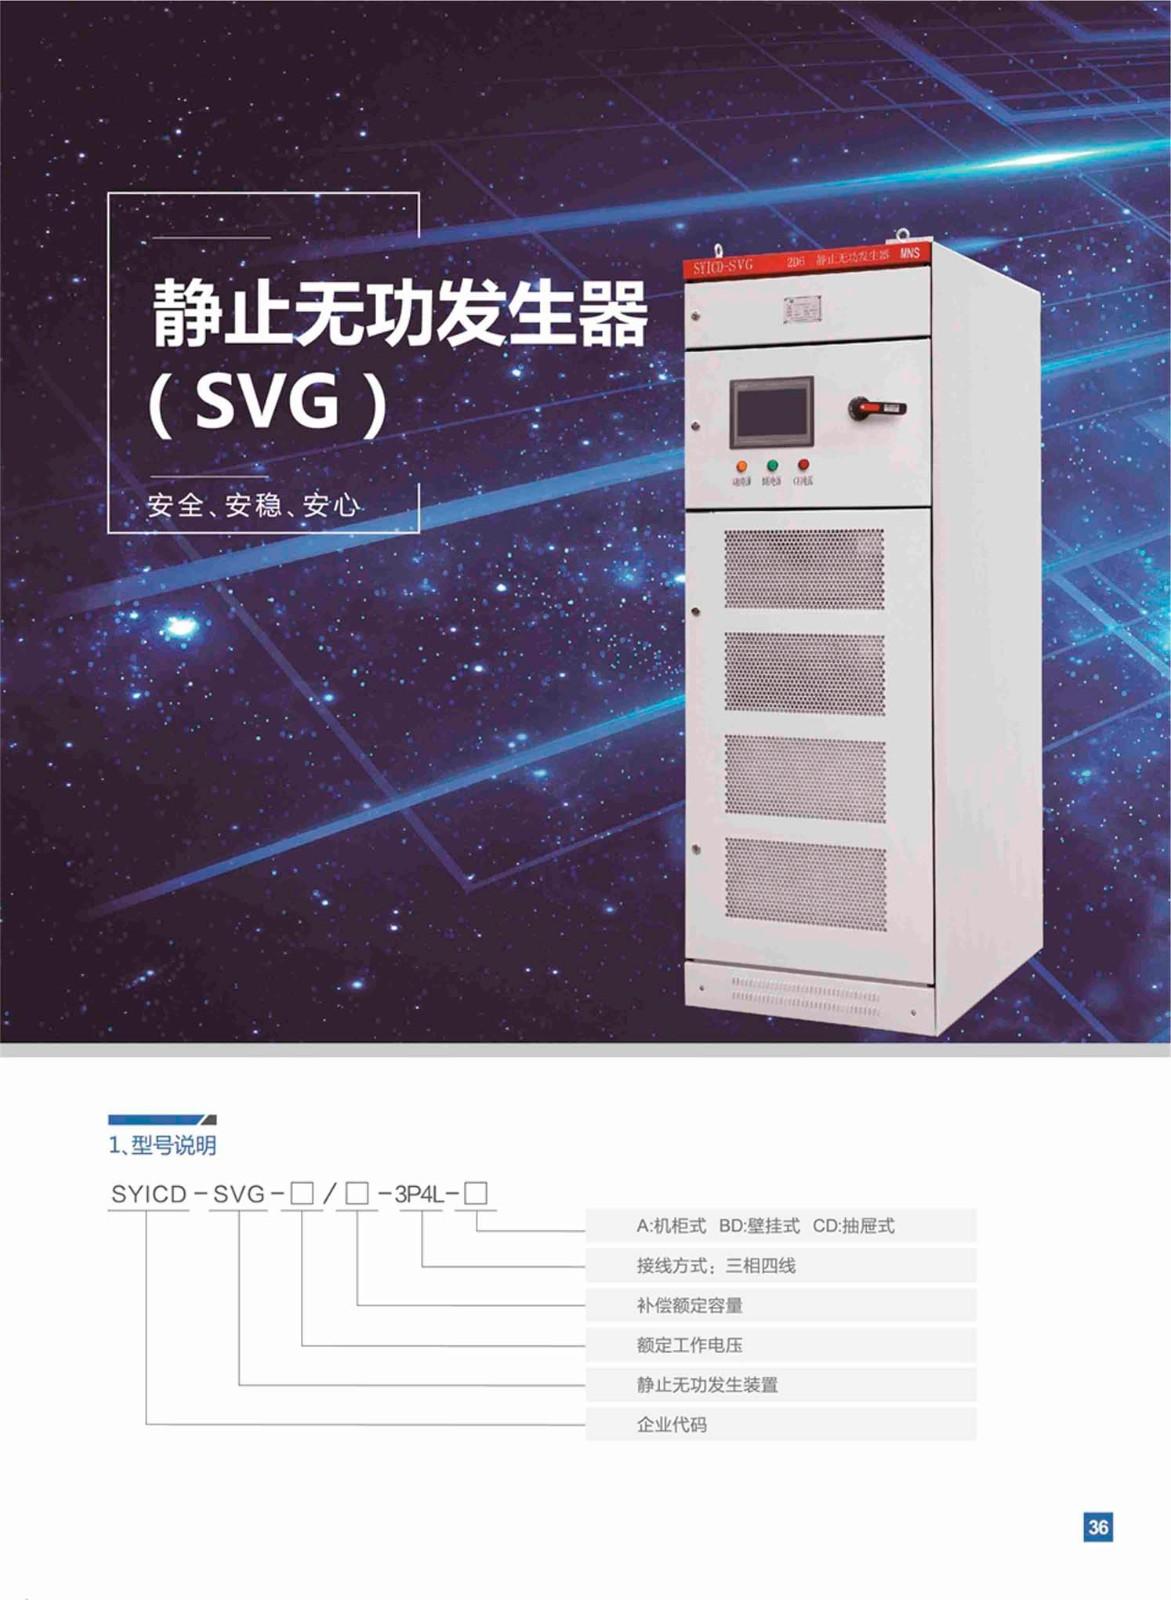 吉阳镇KDSL-400/150/4P上图 制造商创新服务